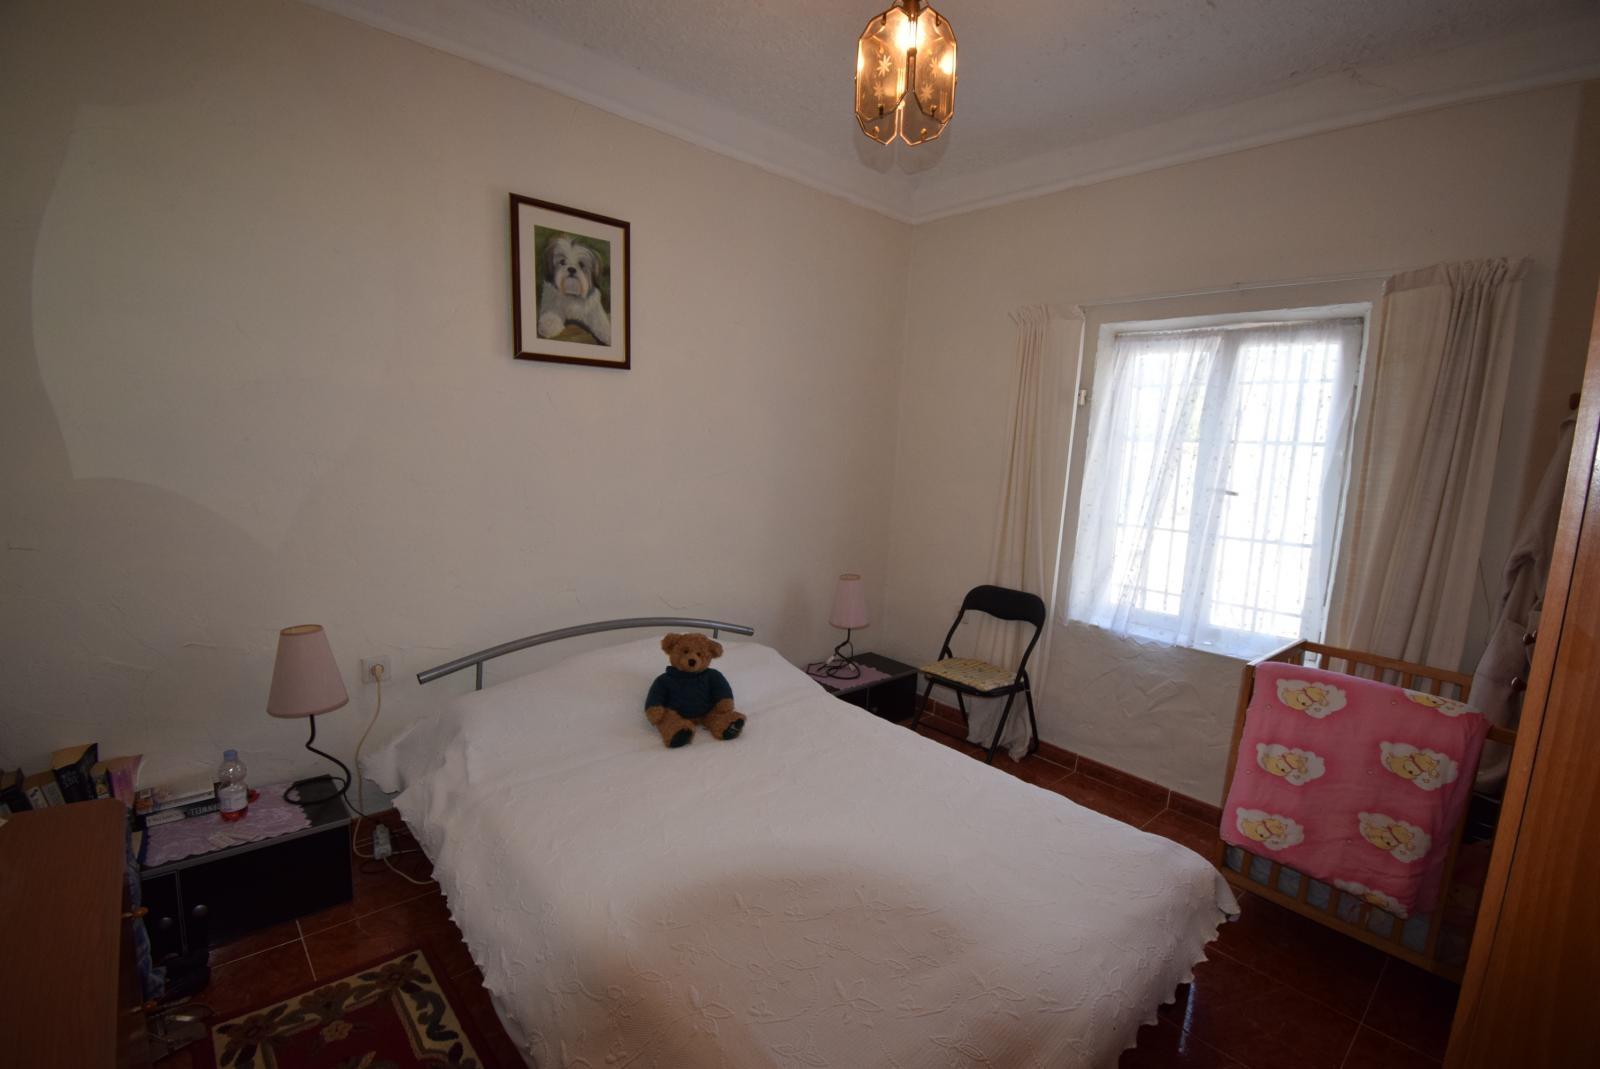 4 BEDROOM 3 BATHROOM RURAL HOUSE PLUS SEPARATE  2 BED 2 BATH GUEST HOUSE